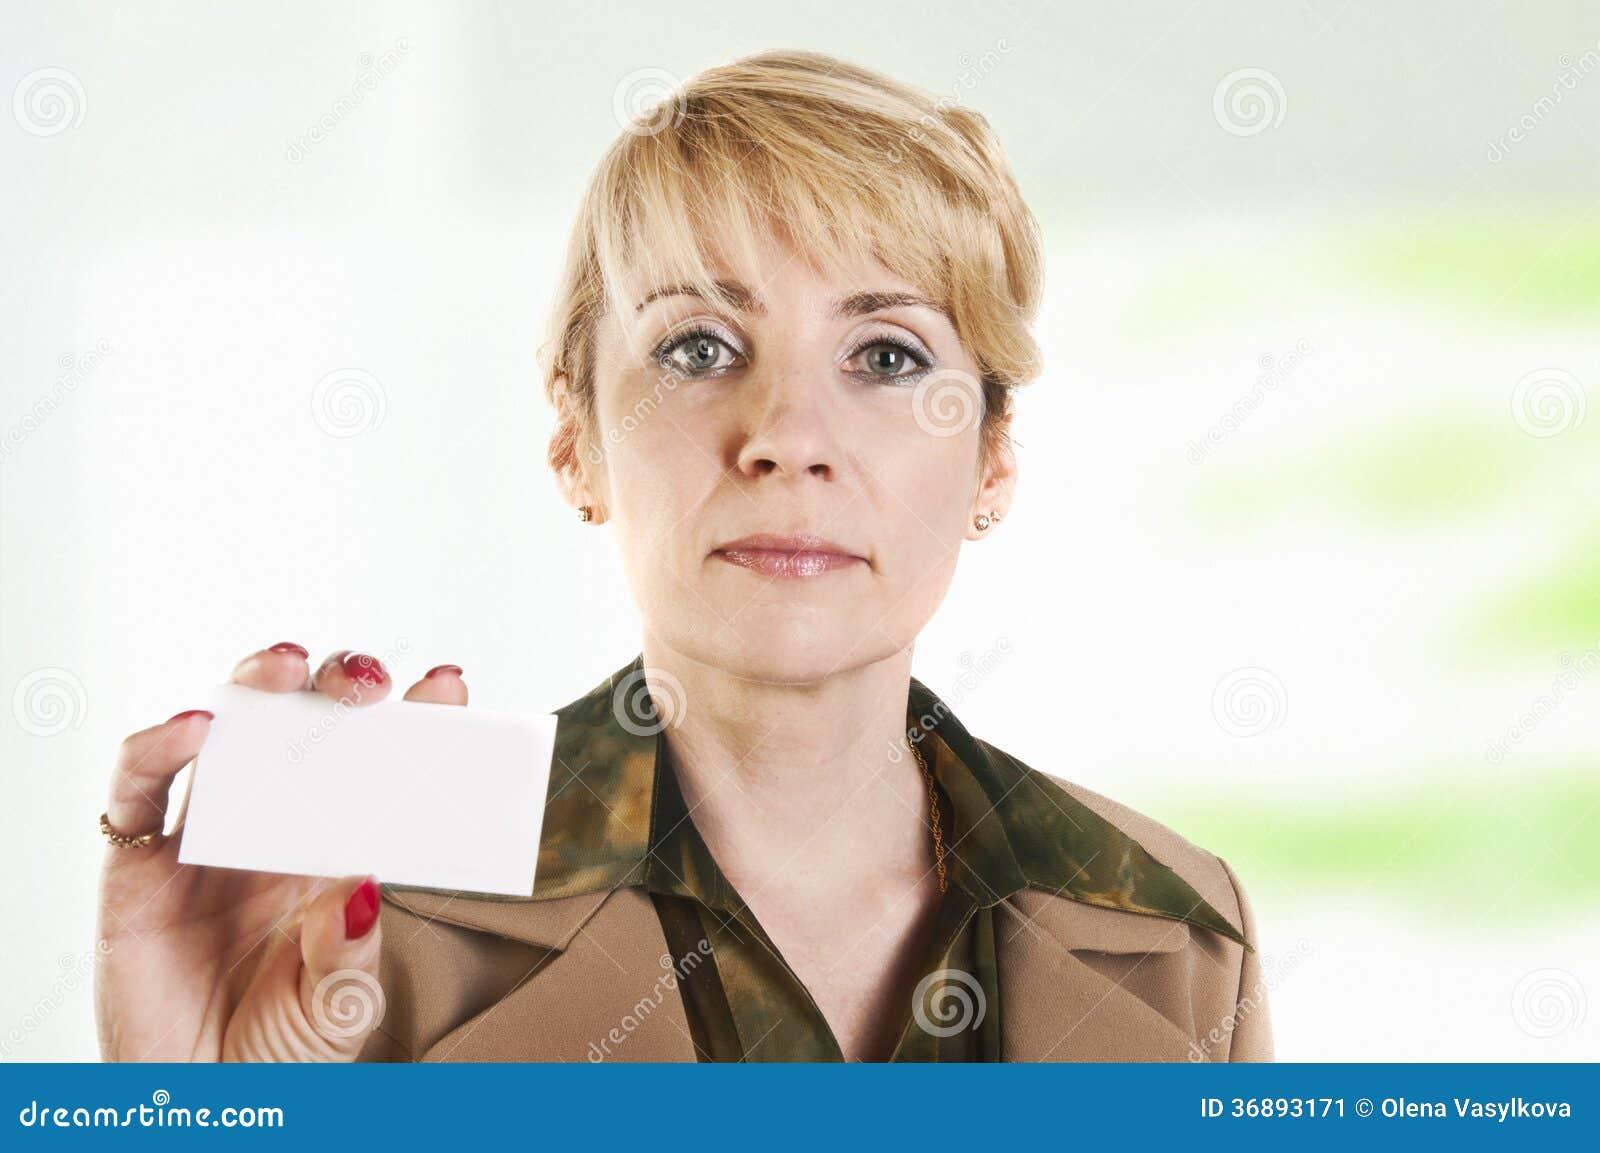 Download Ritratto Della Donna Di Affari Che Dà Biglietto Da Visita In Bianco Immagine Stock - Immagine di ritaglio, businesspeople: 36893171